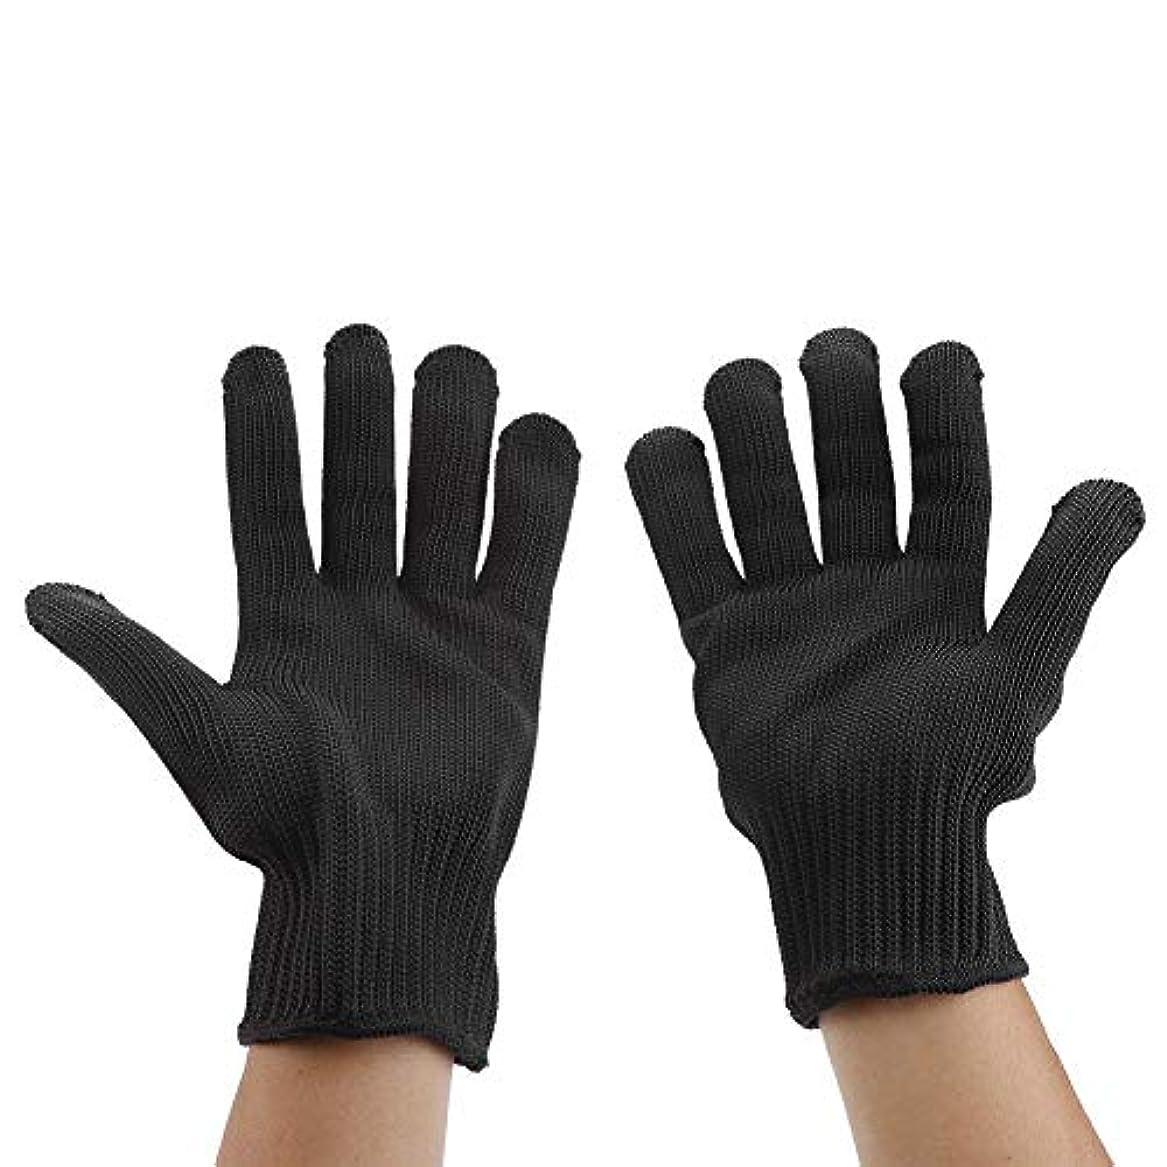 フルート痛い気取らないカット耐性手袋、食品等級レベル5保護、台所用安全性カット手袋、マンドリンスライス、魚切り身、オイスターシャック、肉切りと木彫り(1ペア)(#3)